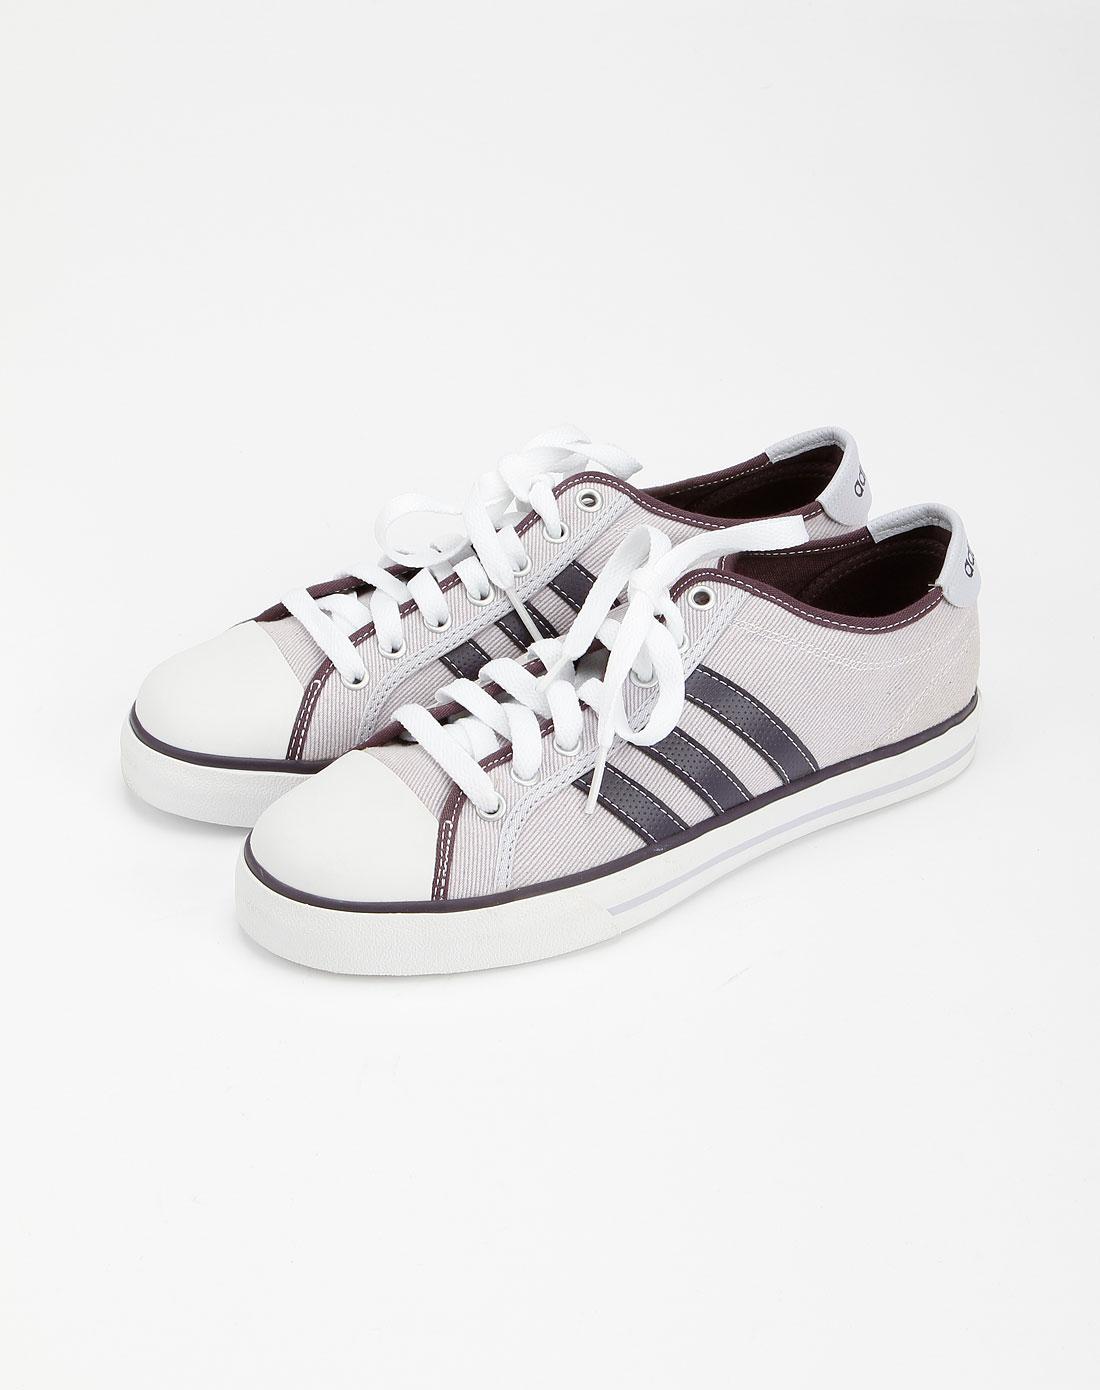 阿迪达斯adidasneo 女款浅灰色帆布鞋g11151